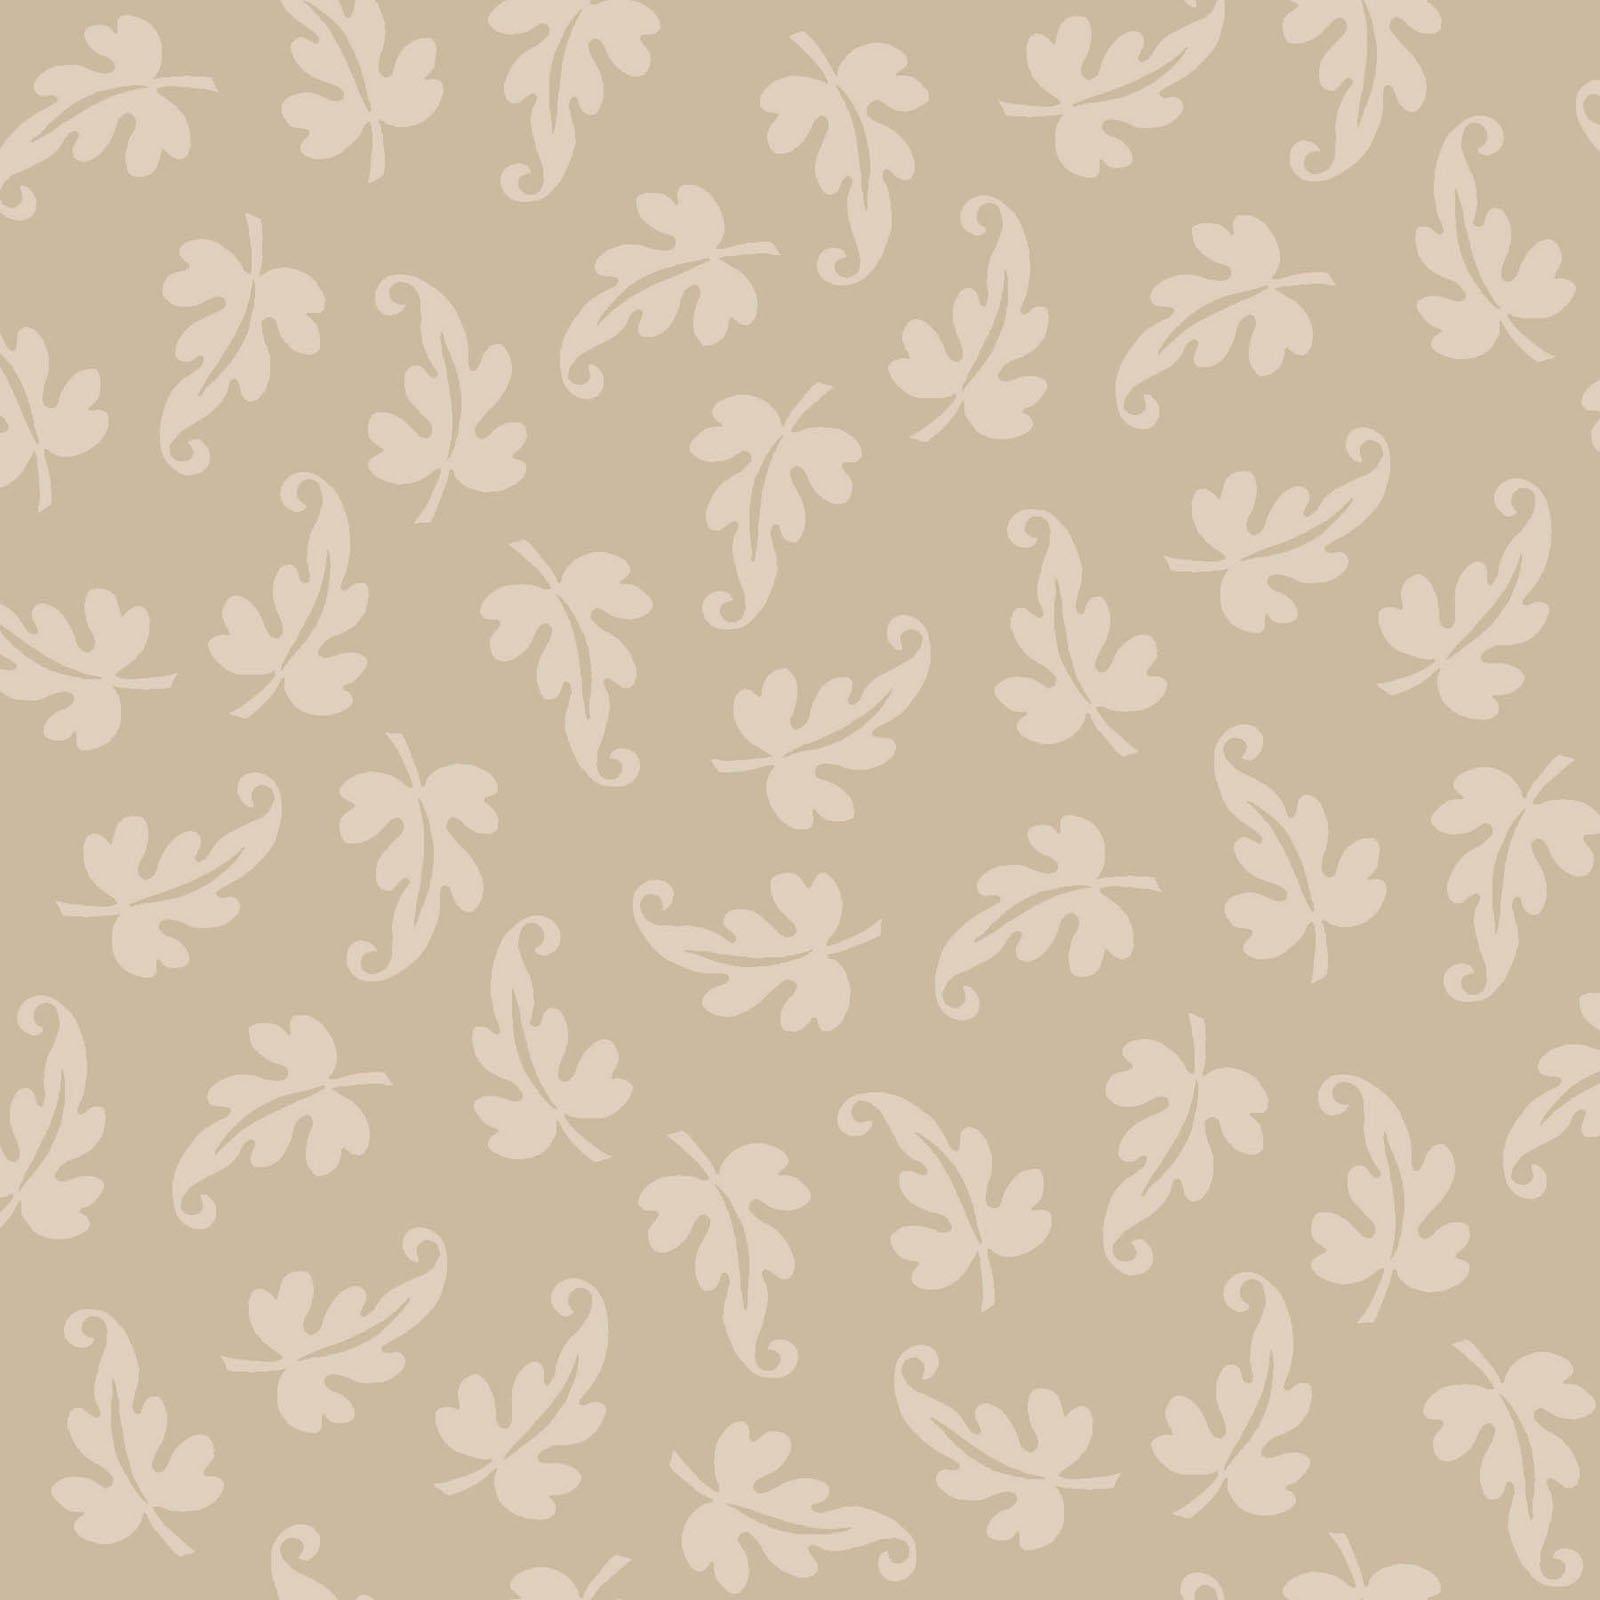 Ruby - Scroll Leaf - Tan